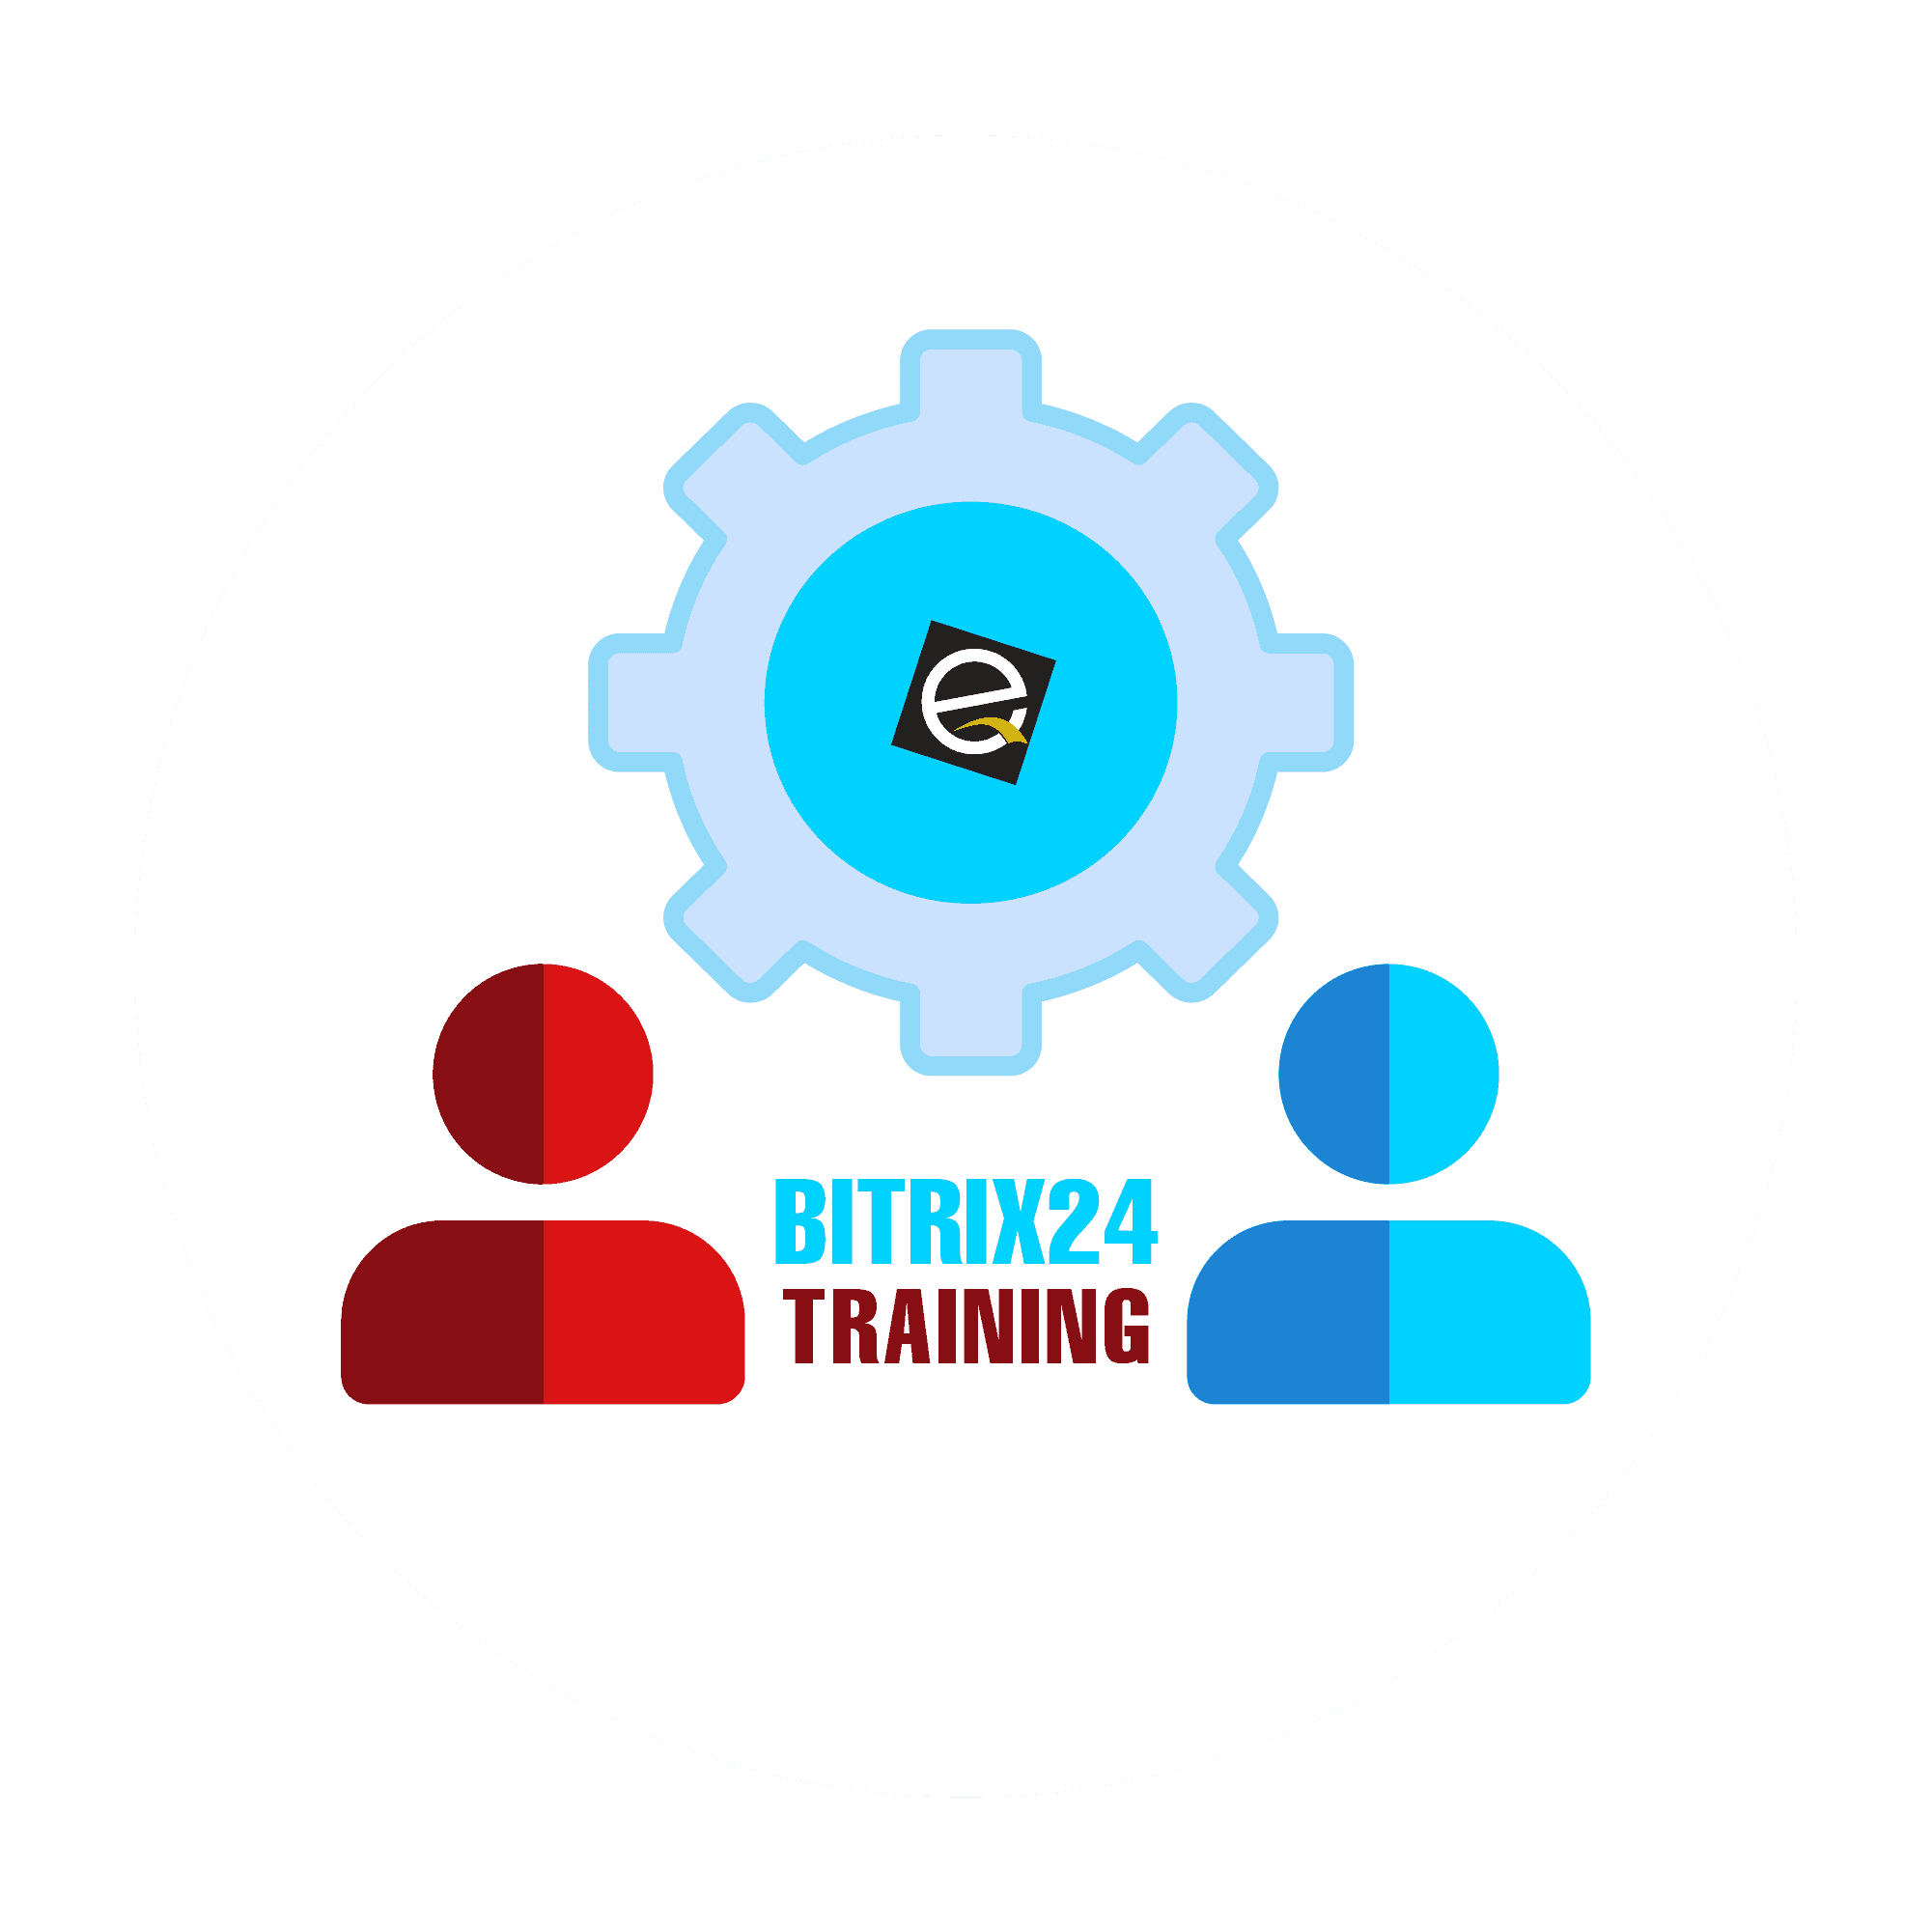 Dịch vụ đào tạo sử dụng hệ thống phần mềm CRM Bitrix24 ( Quản lý quan hệ khách hàng)